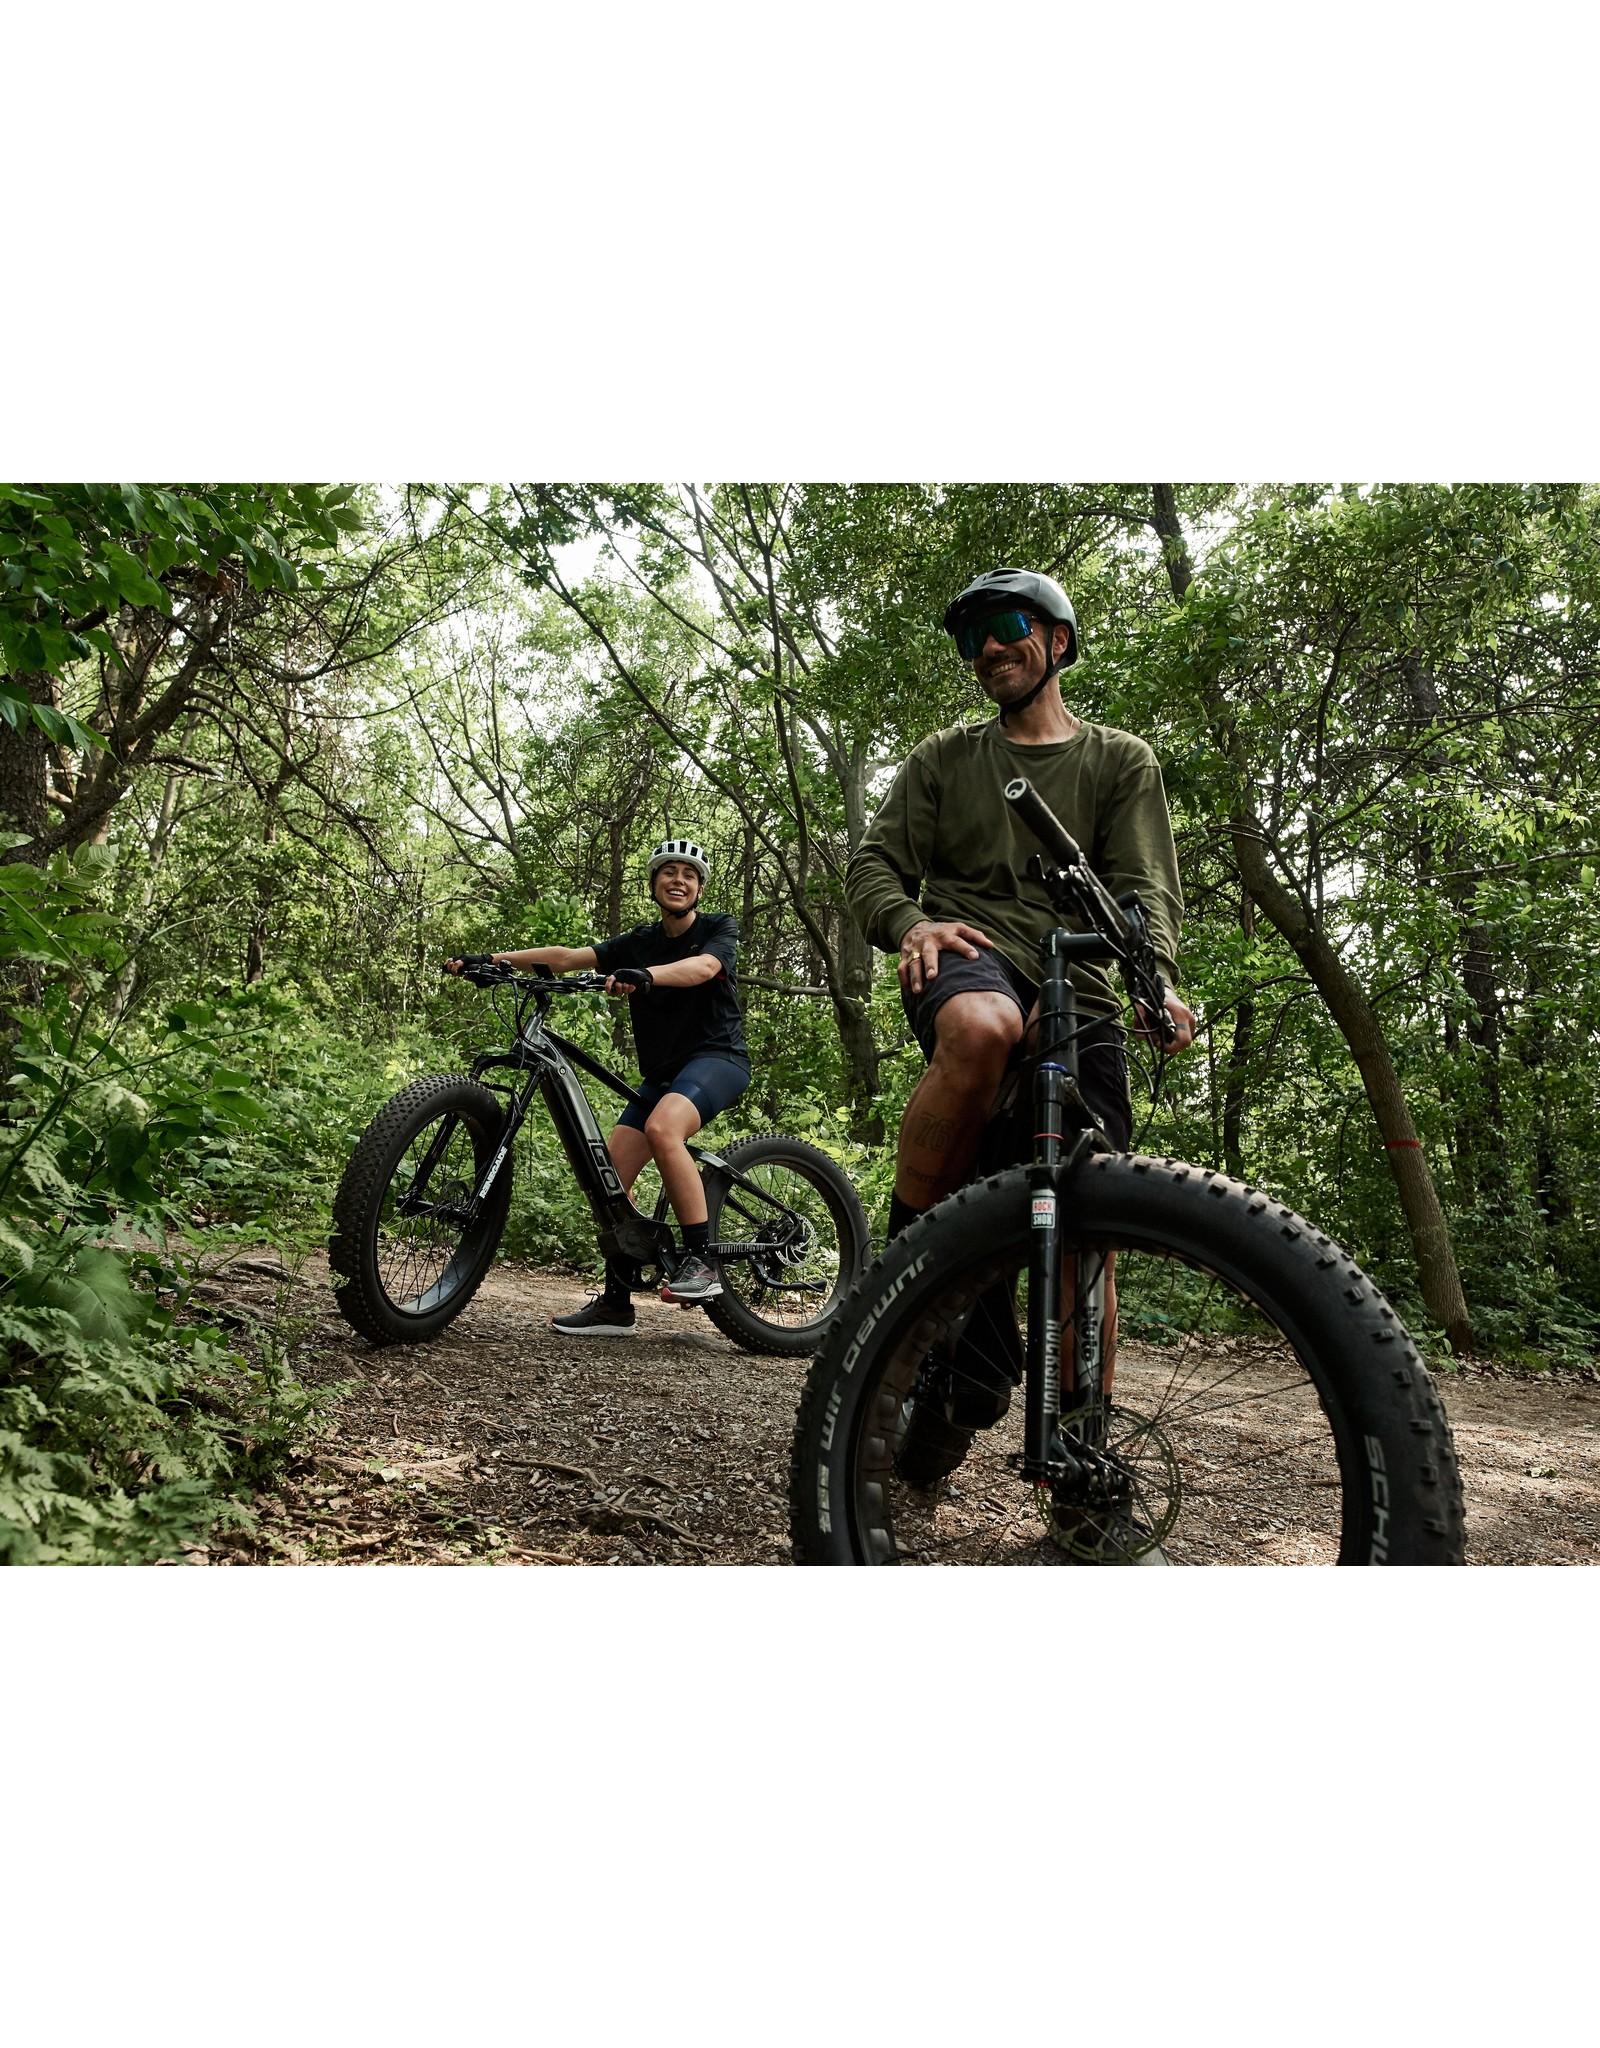 iGO IGO OUTLAND OKA e-Fat bike